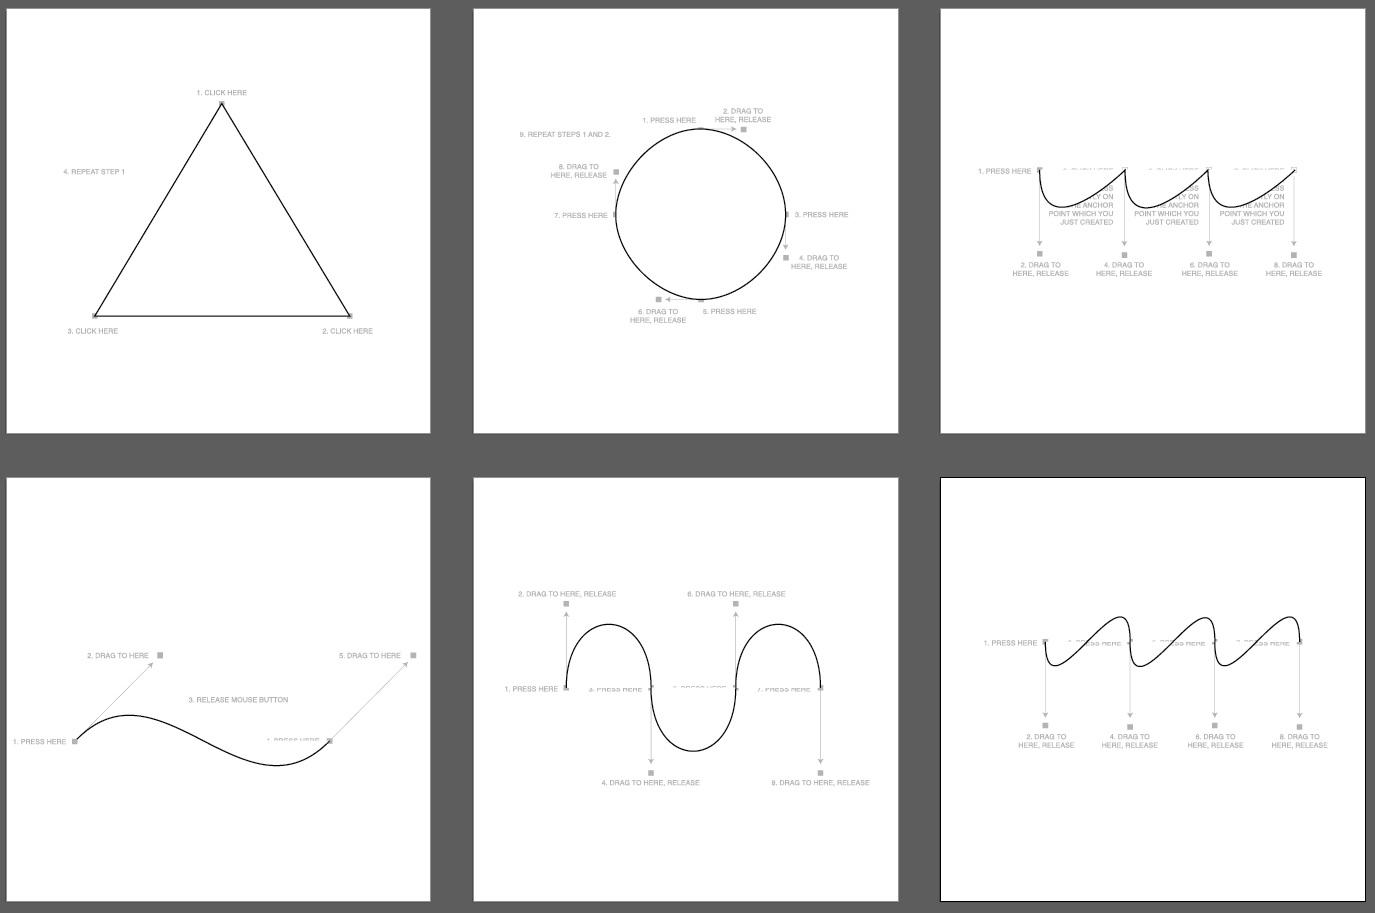 Becky Stapley Adobe Illustrator Pen Tool Exercises